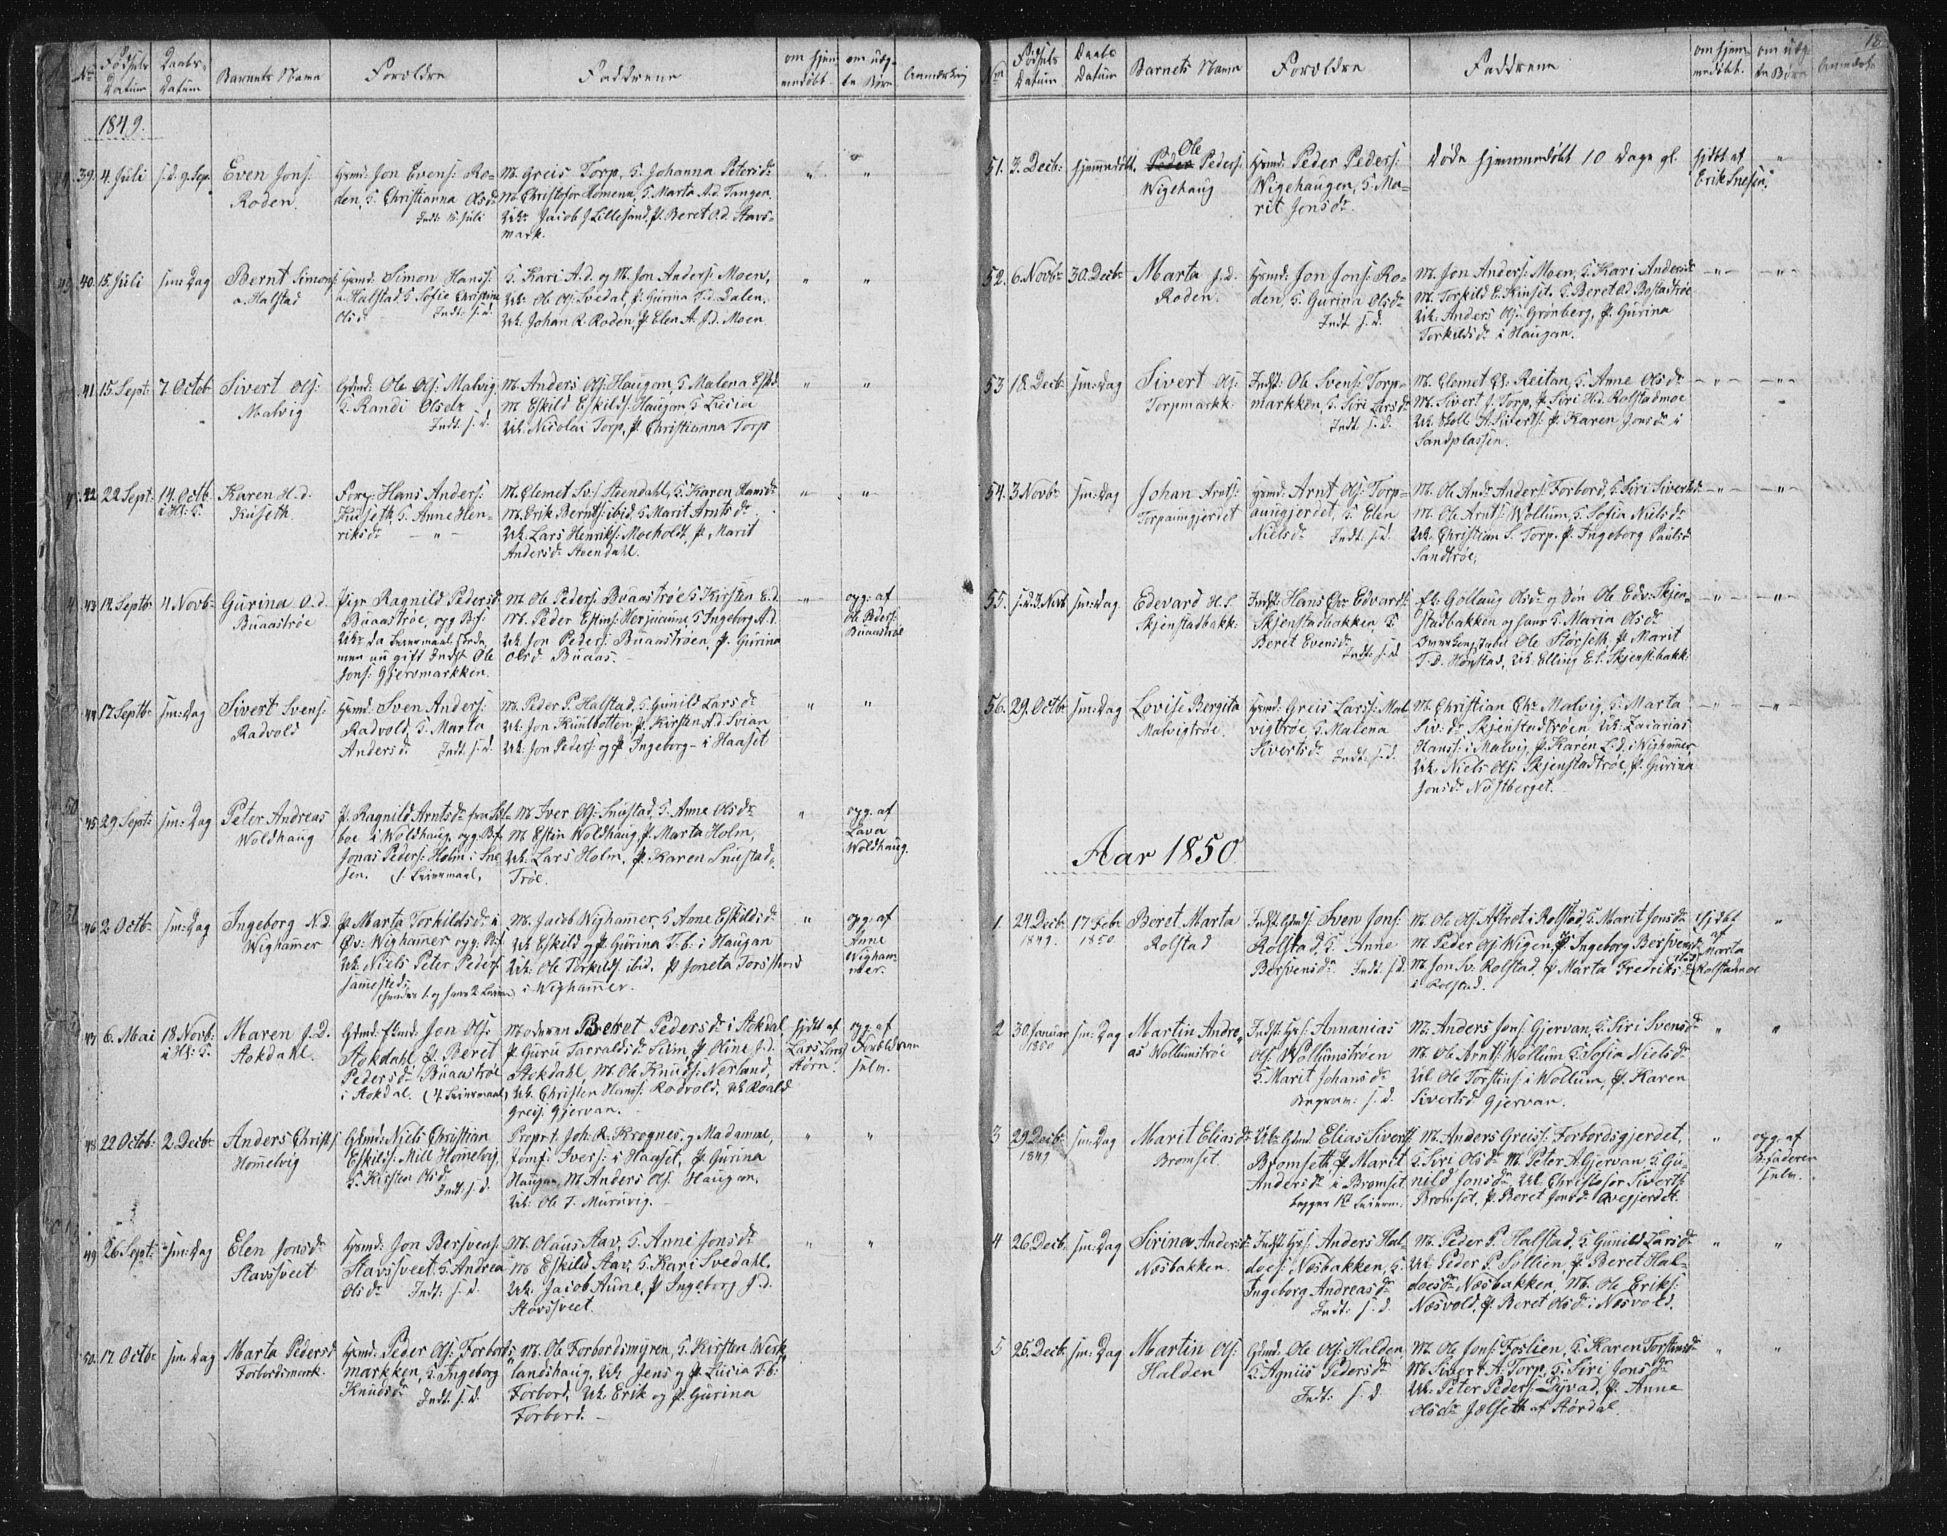 SAT, Ministerialprotokoller, klokkerbøker og fødselsregistre - Sør-Trøndelag, 616/L0406: Ministerialbok nr. 616A03, 1843-1879, s. 18